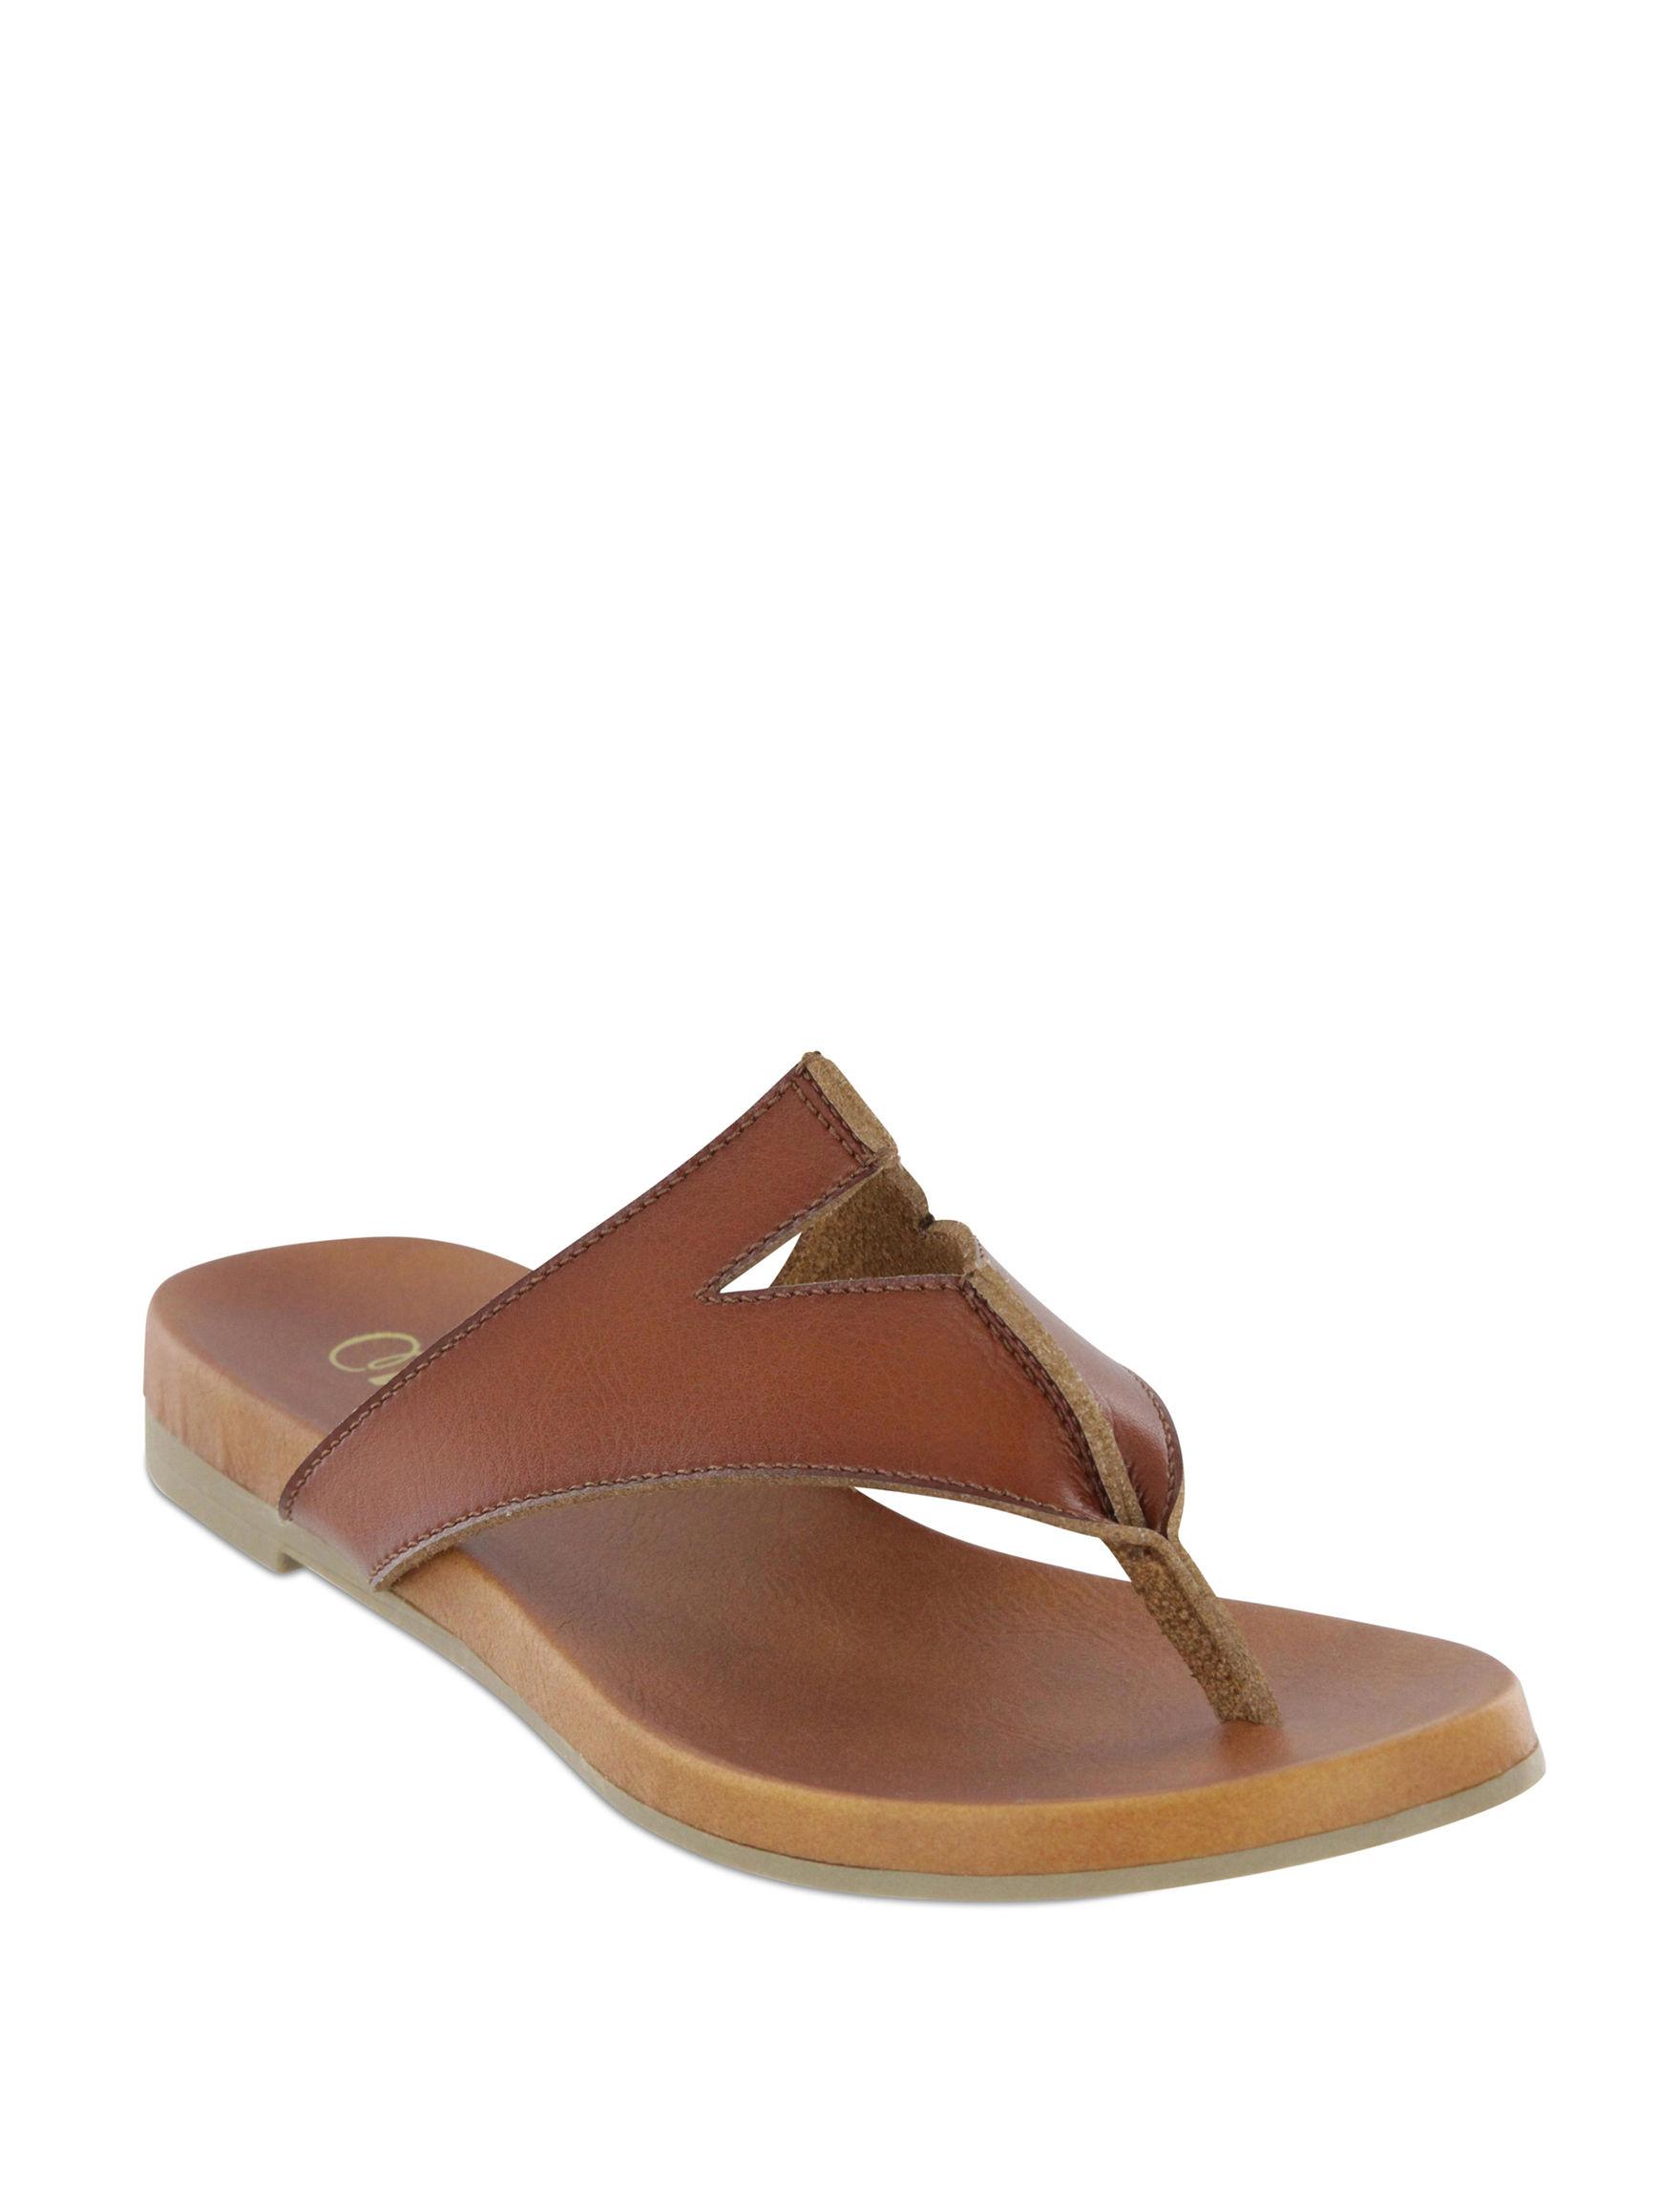 MIA Tan Flat Sandals